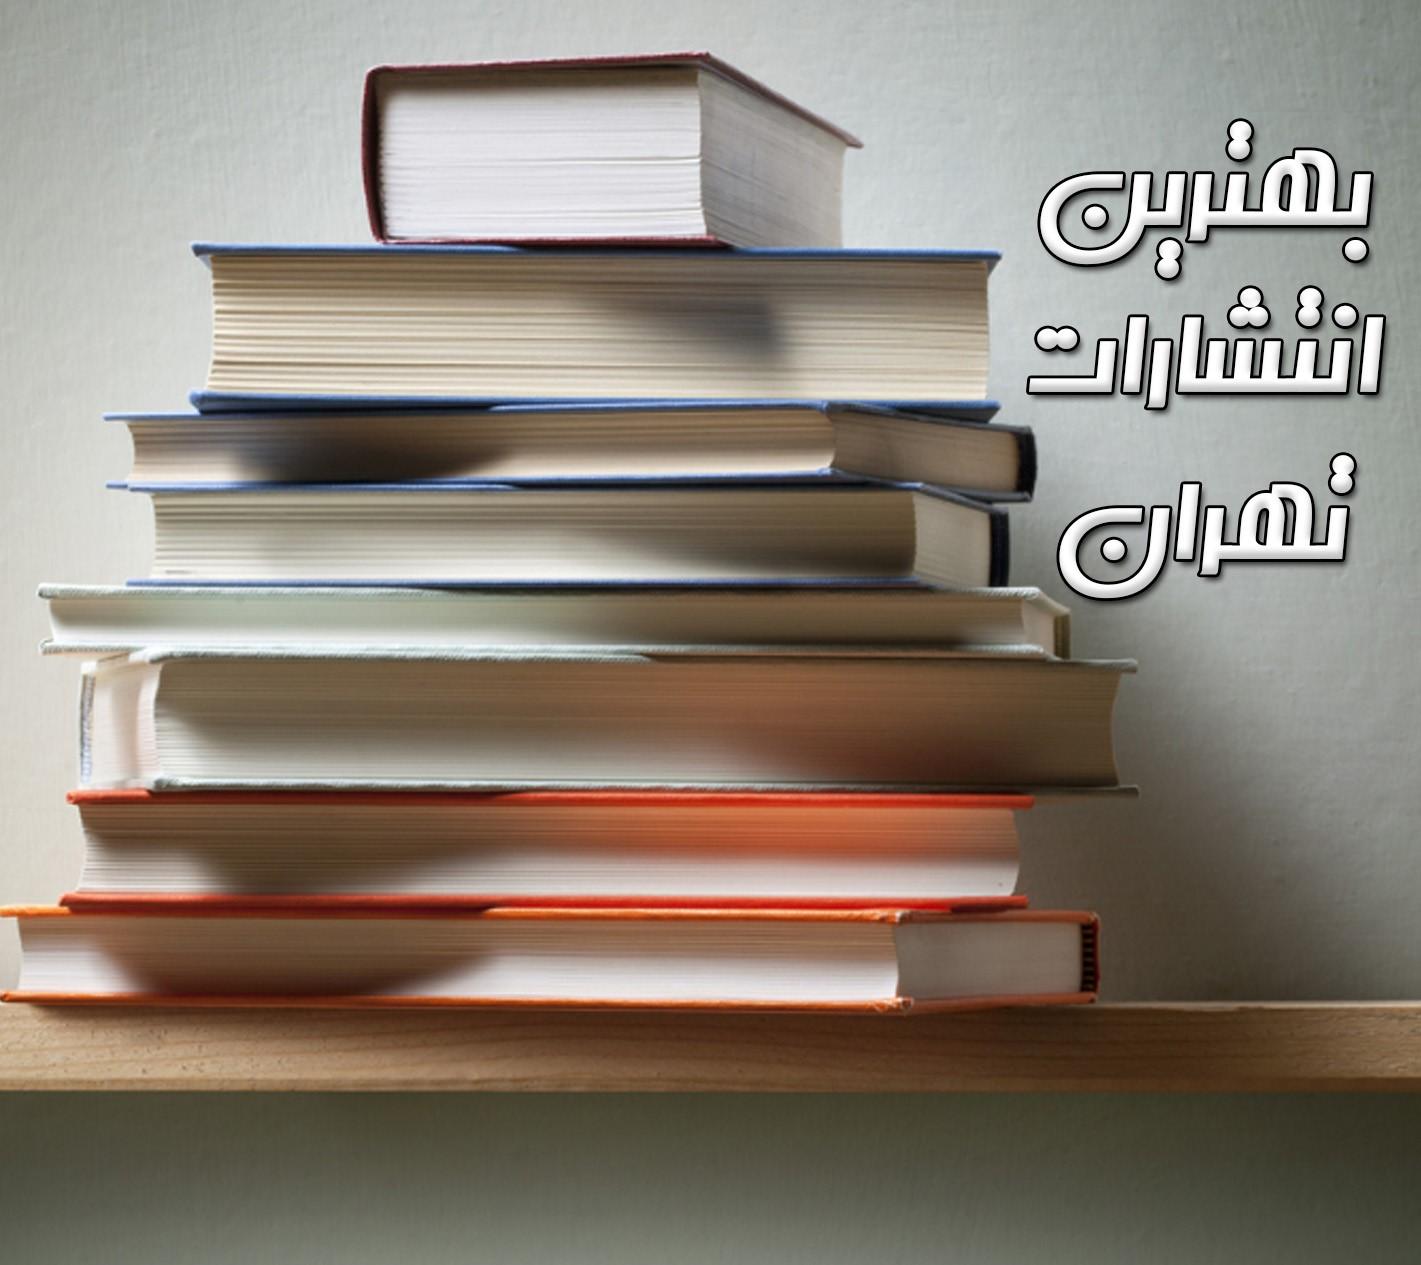 بهترین انتشارات تهران کدام است؟